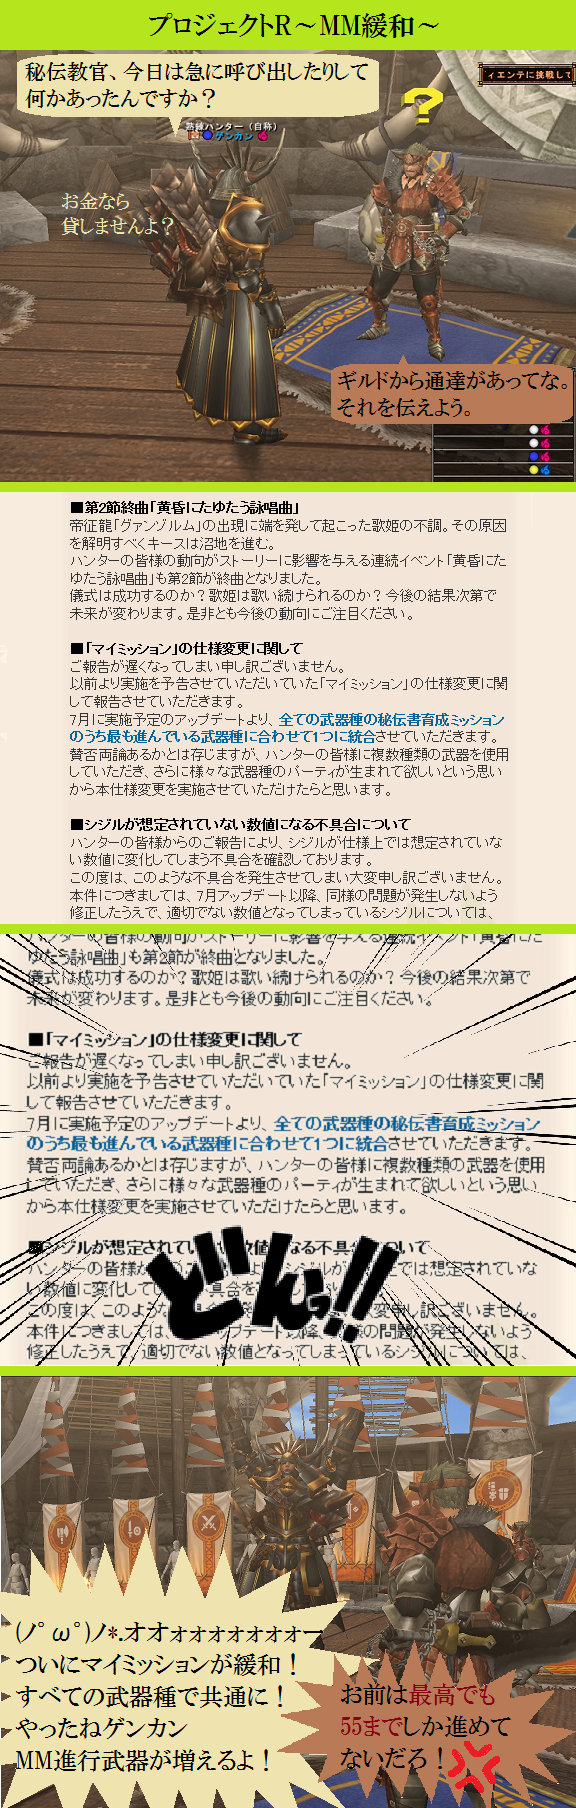 20160527 「プロジェクトR~MM緩和~」